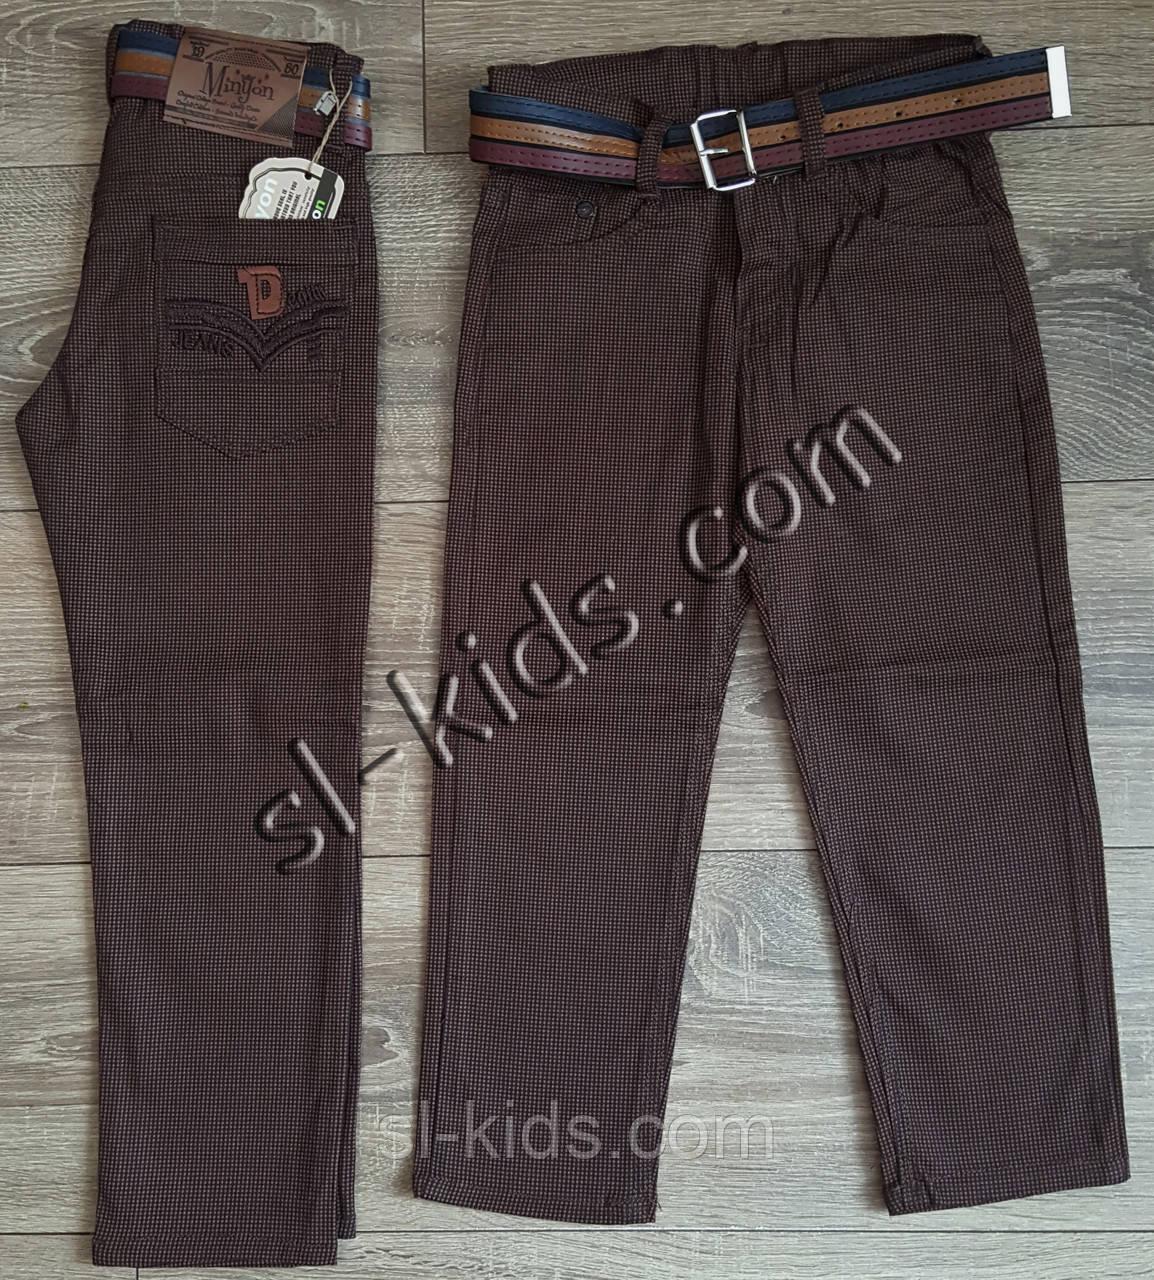 Яркие штаны,джинсы для мальчика 3-7 лет(ромбик шоколадные) опт пр.Турция